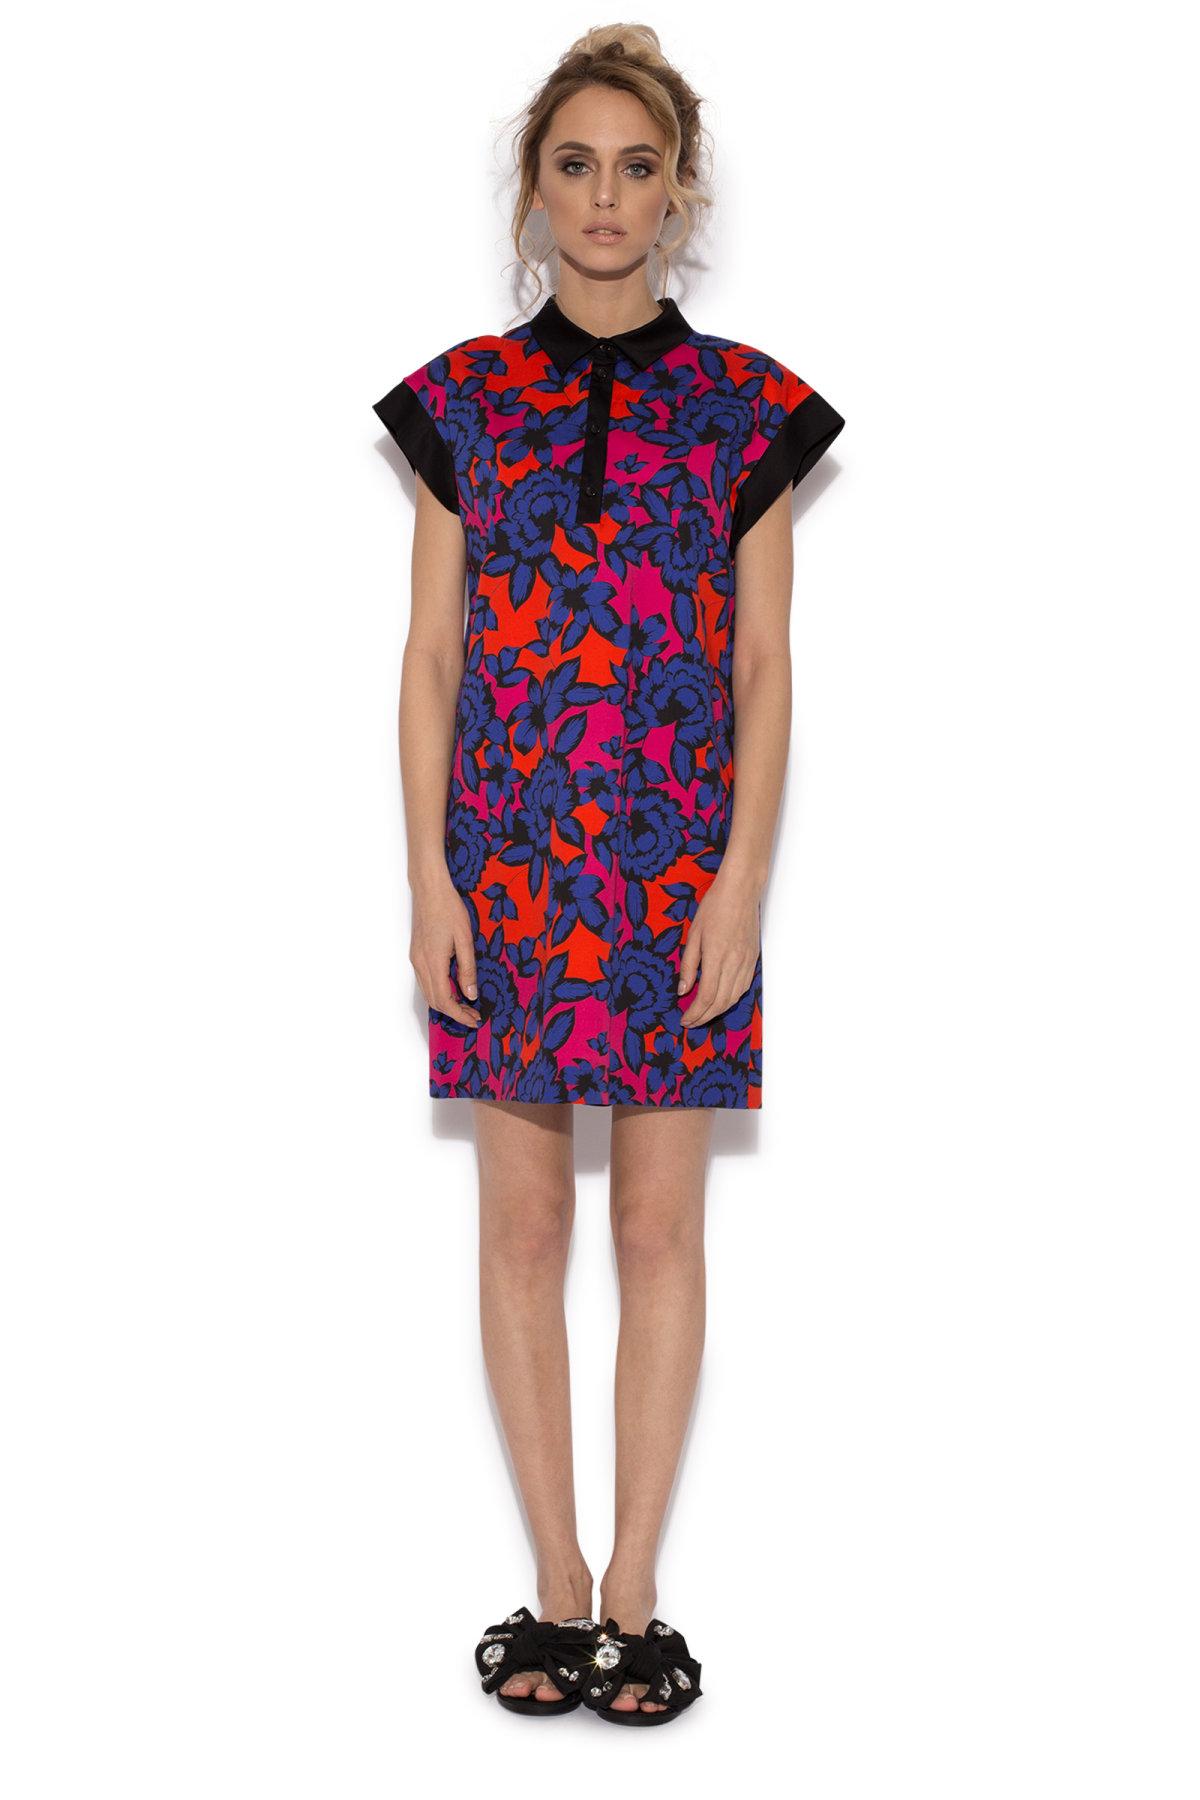 Rochie multicolora cu maneca scurta Imprimeu